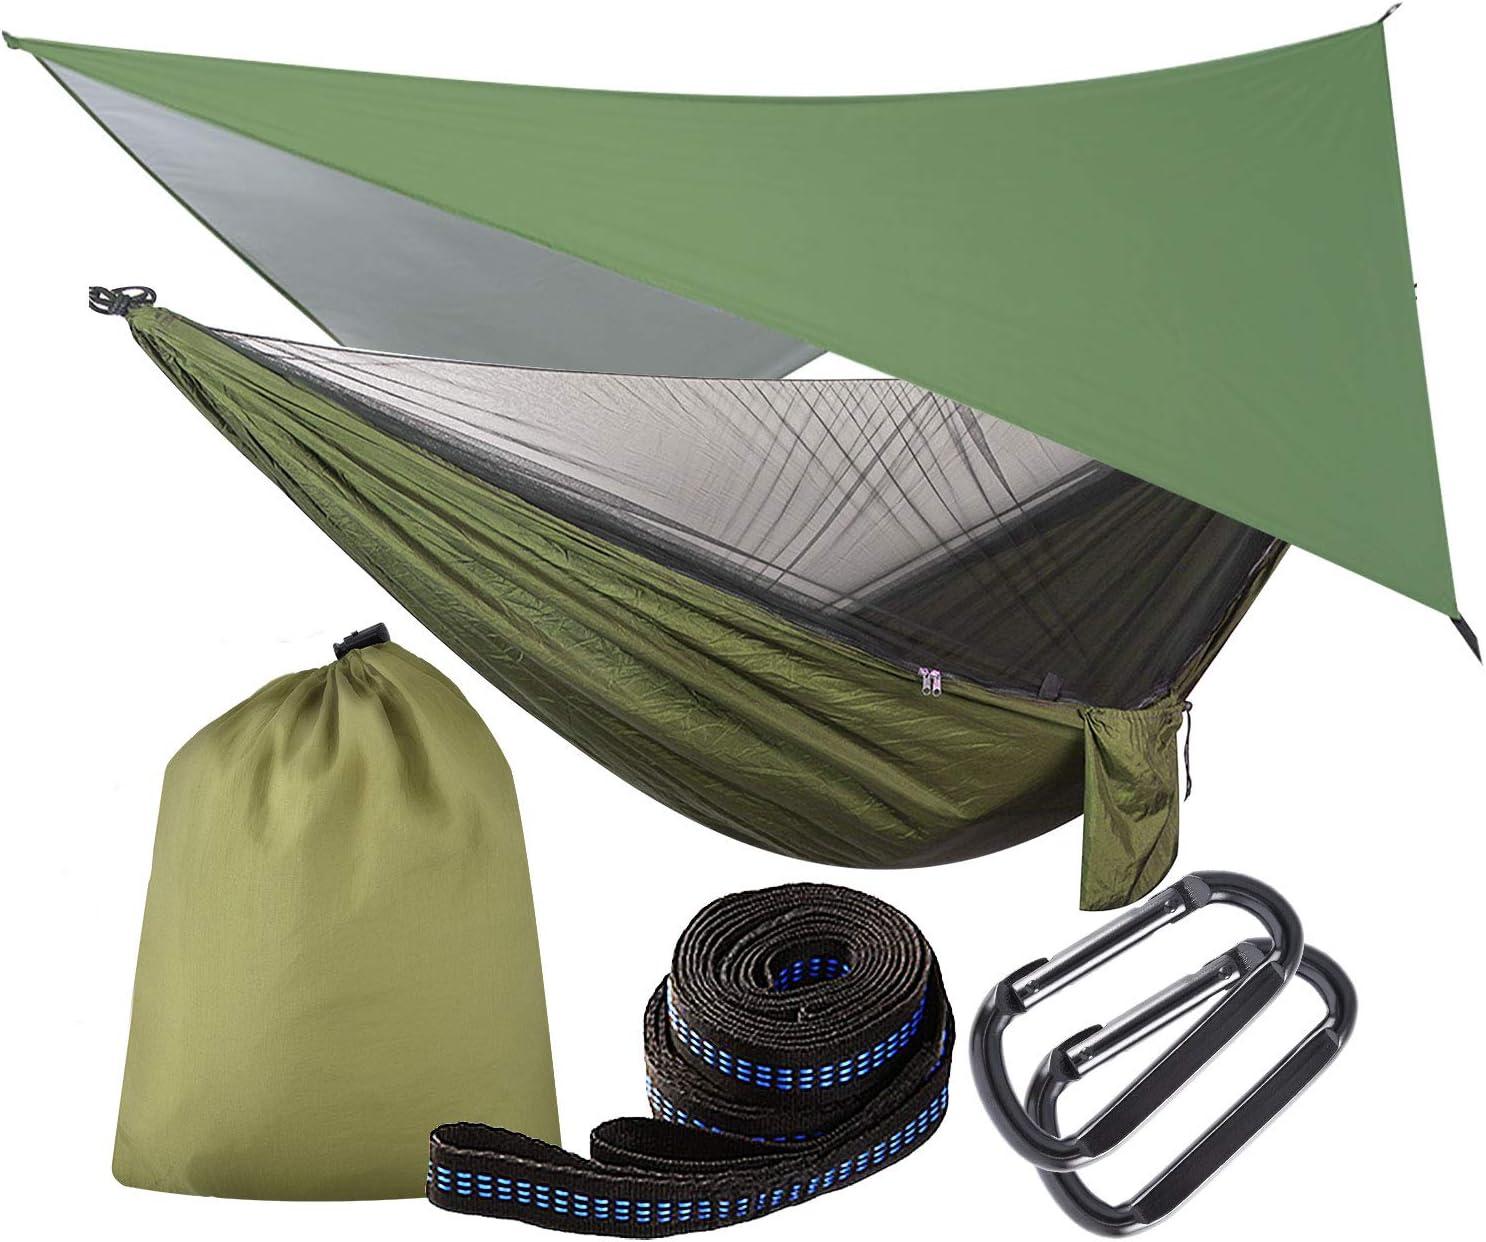 YunNasi582 Hamac Camping Moustiquaire Portable Ultra-l/éger de Voyage Ext/érieur Randonn/ée P/édestre /à Double Usage 200kg de Charge Capacit/é Parachute en Nylon 2 Sangles dArbres Carabiners Cordes